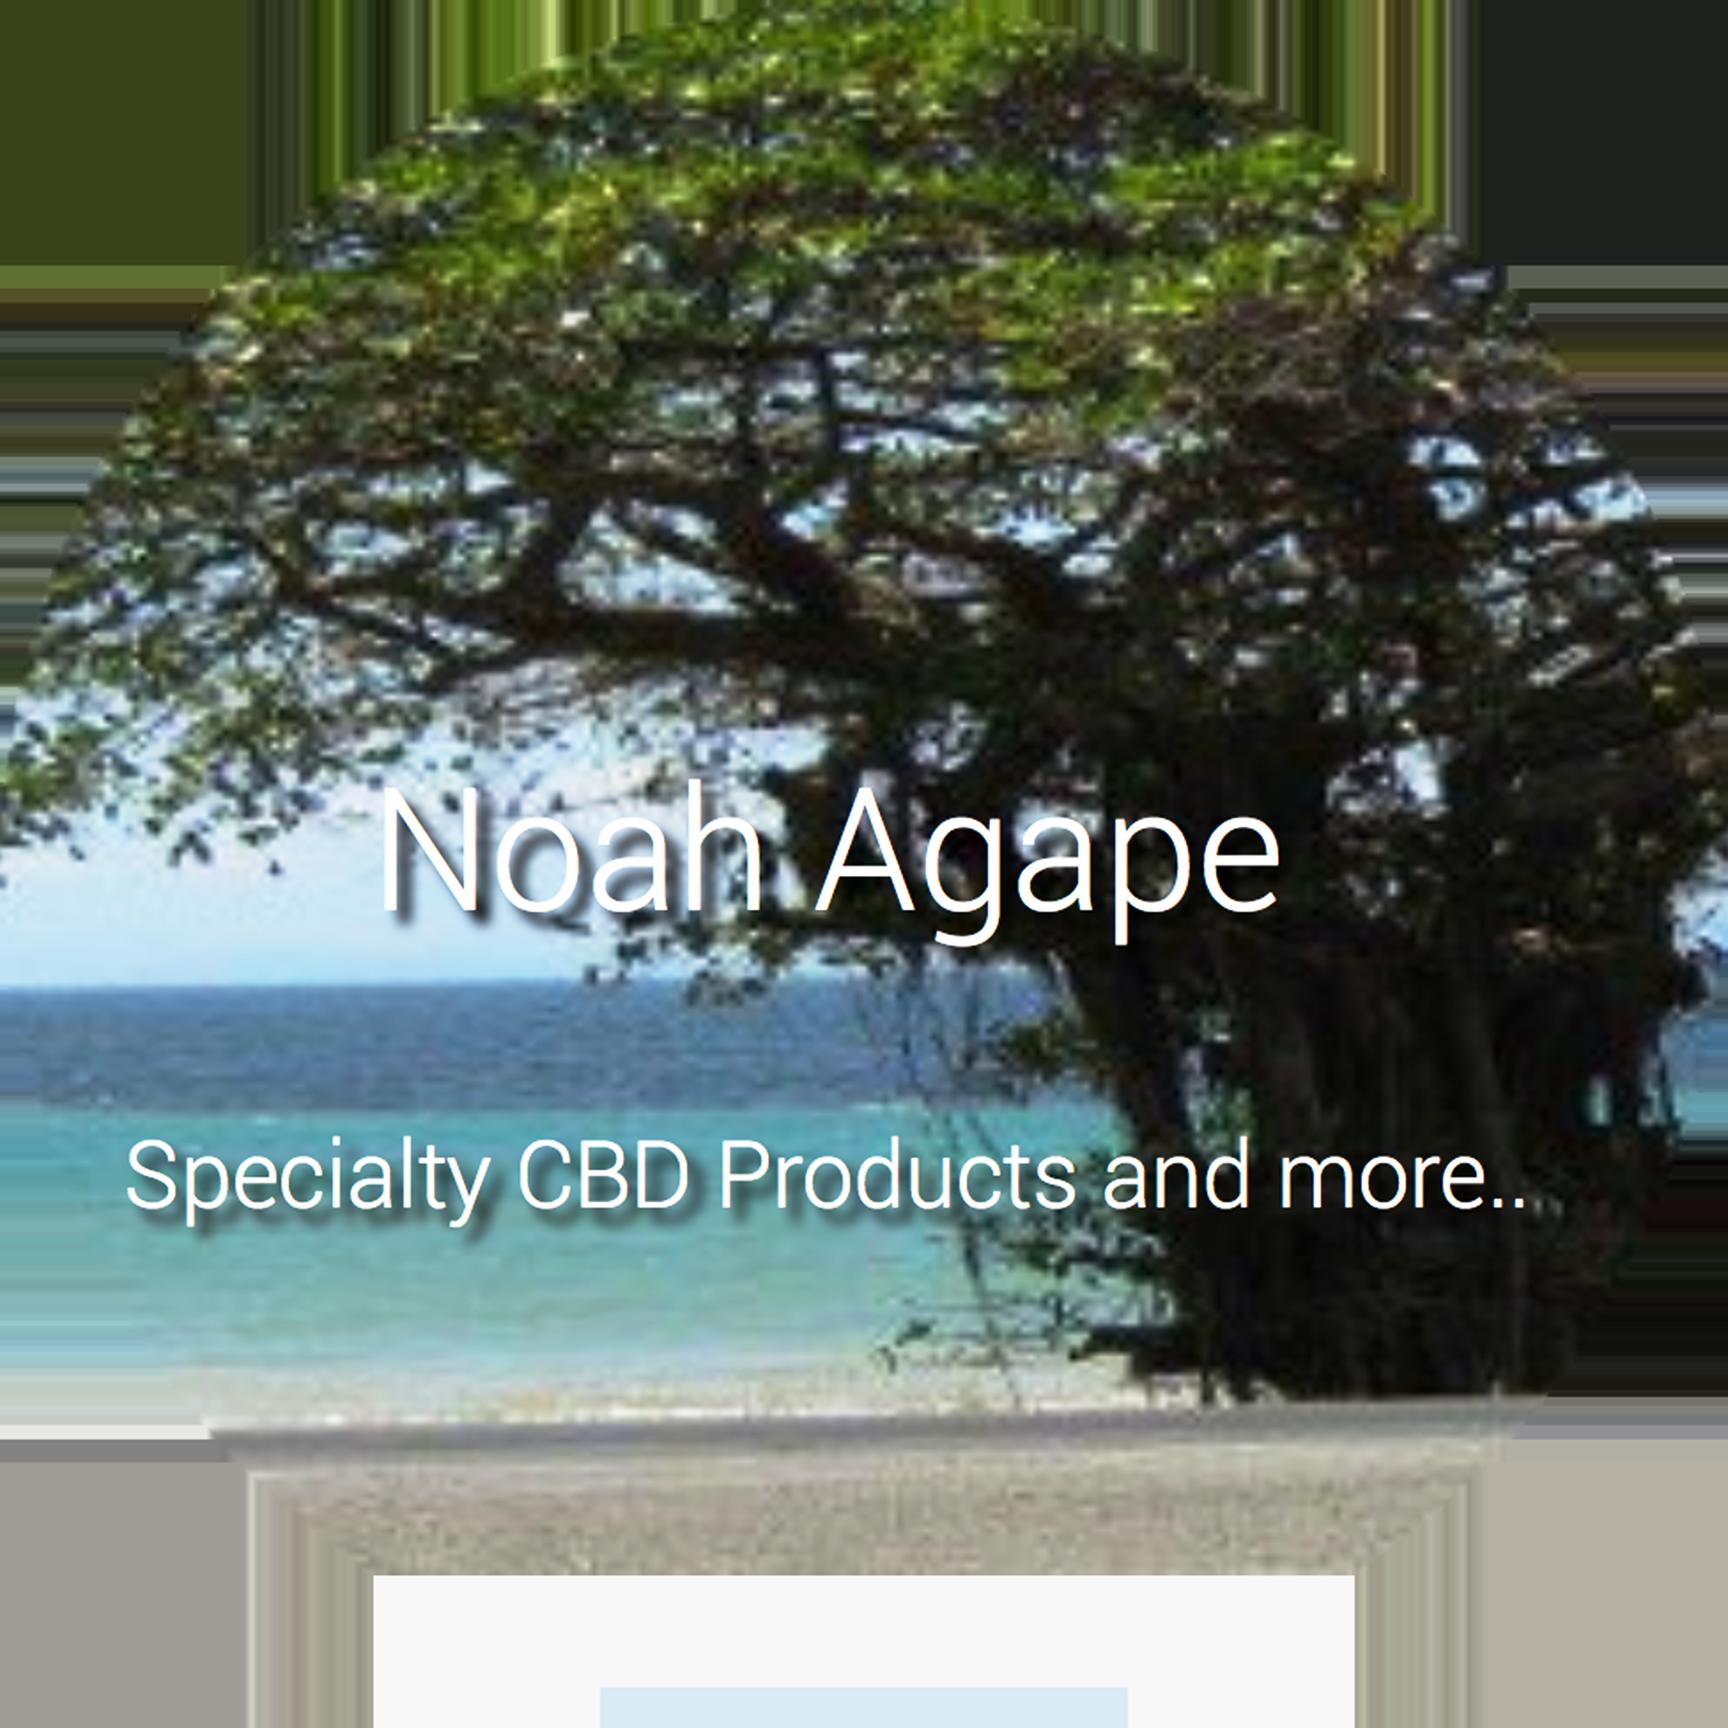 Noah Agape